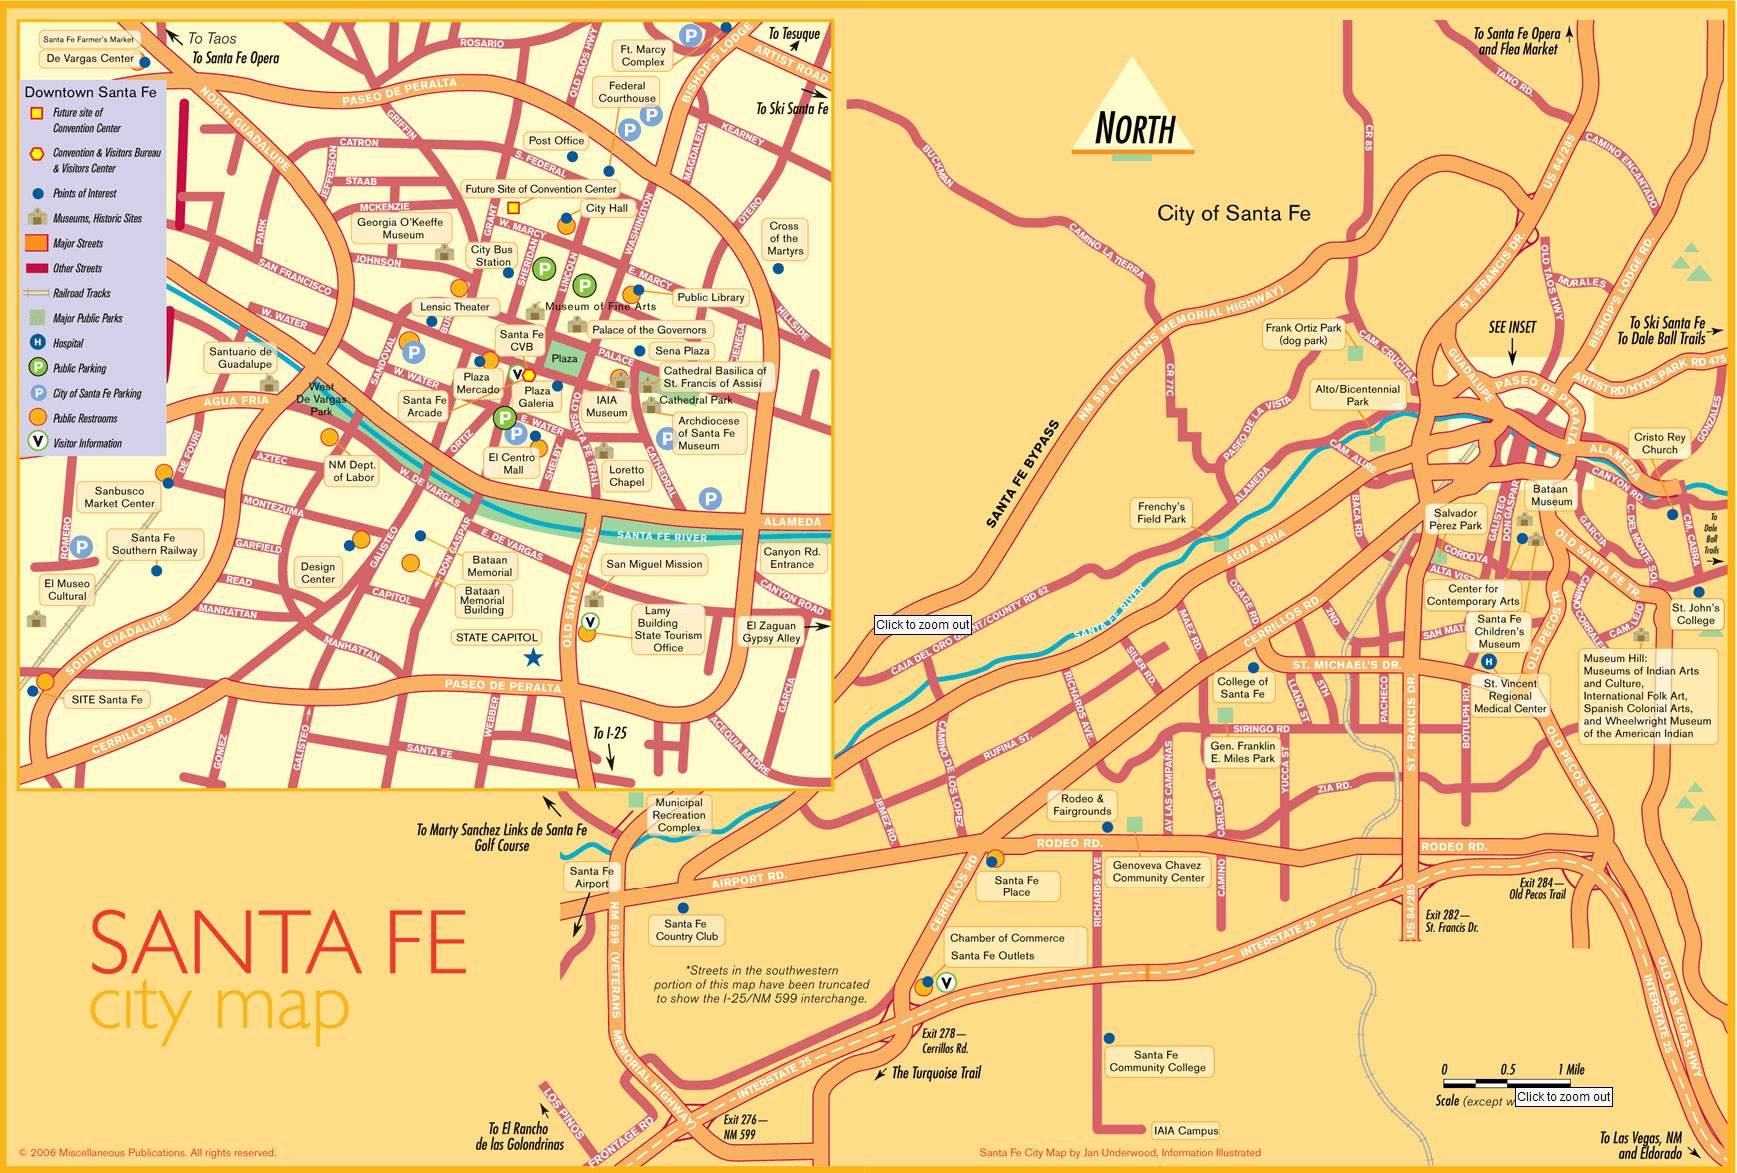 Santa Fe Map Large Santa Fe Maps for Free Download and Print | High Resolution  Santa Fe Map